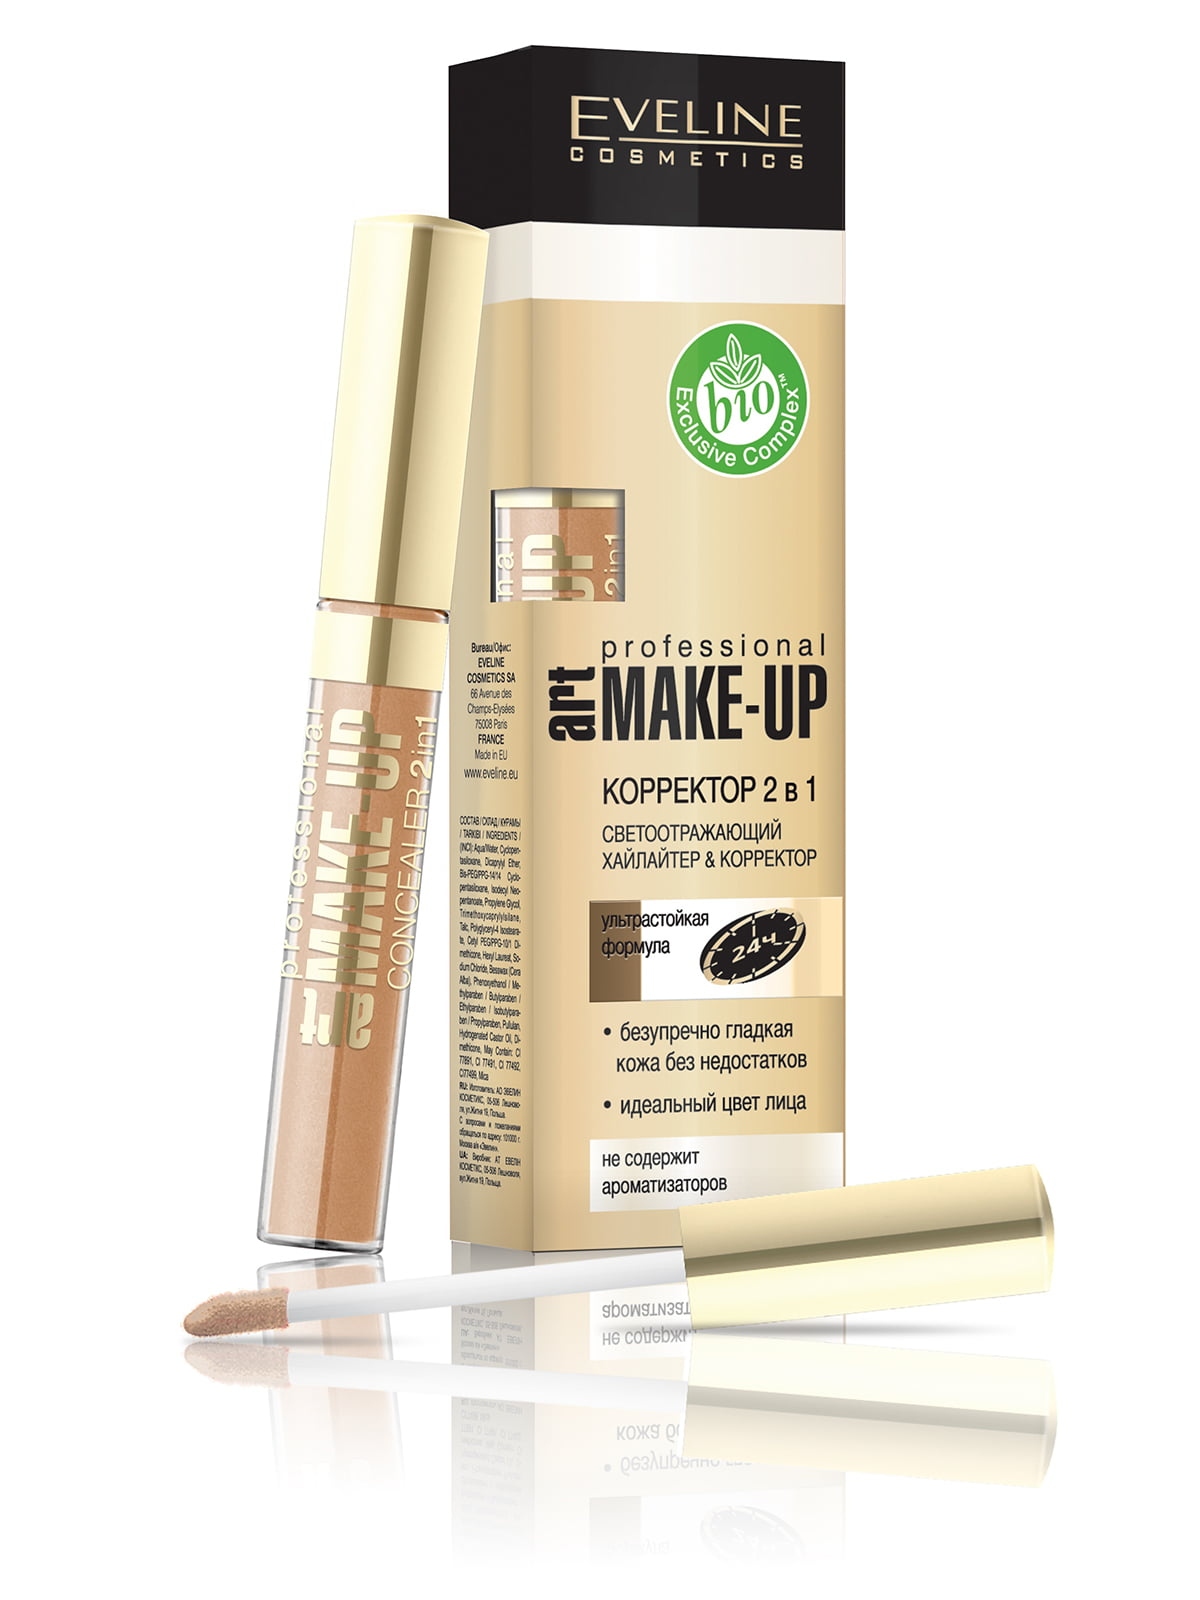 Коректор 2в1 Art Professional Make-Up - №5 | 4816894